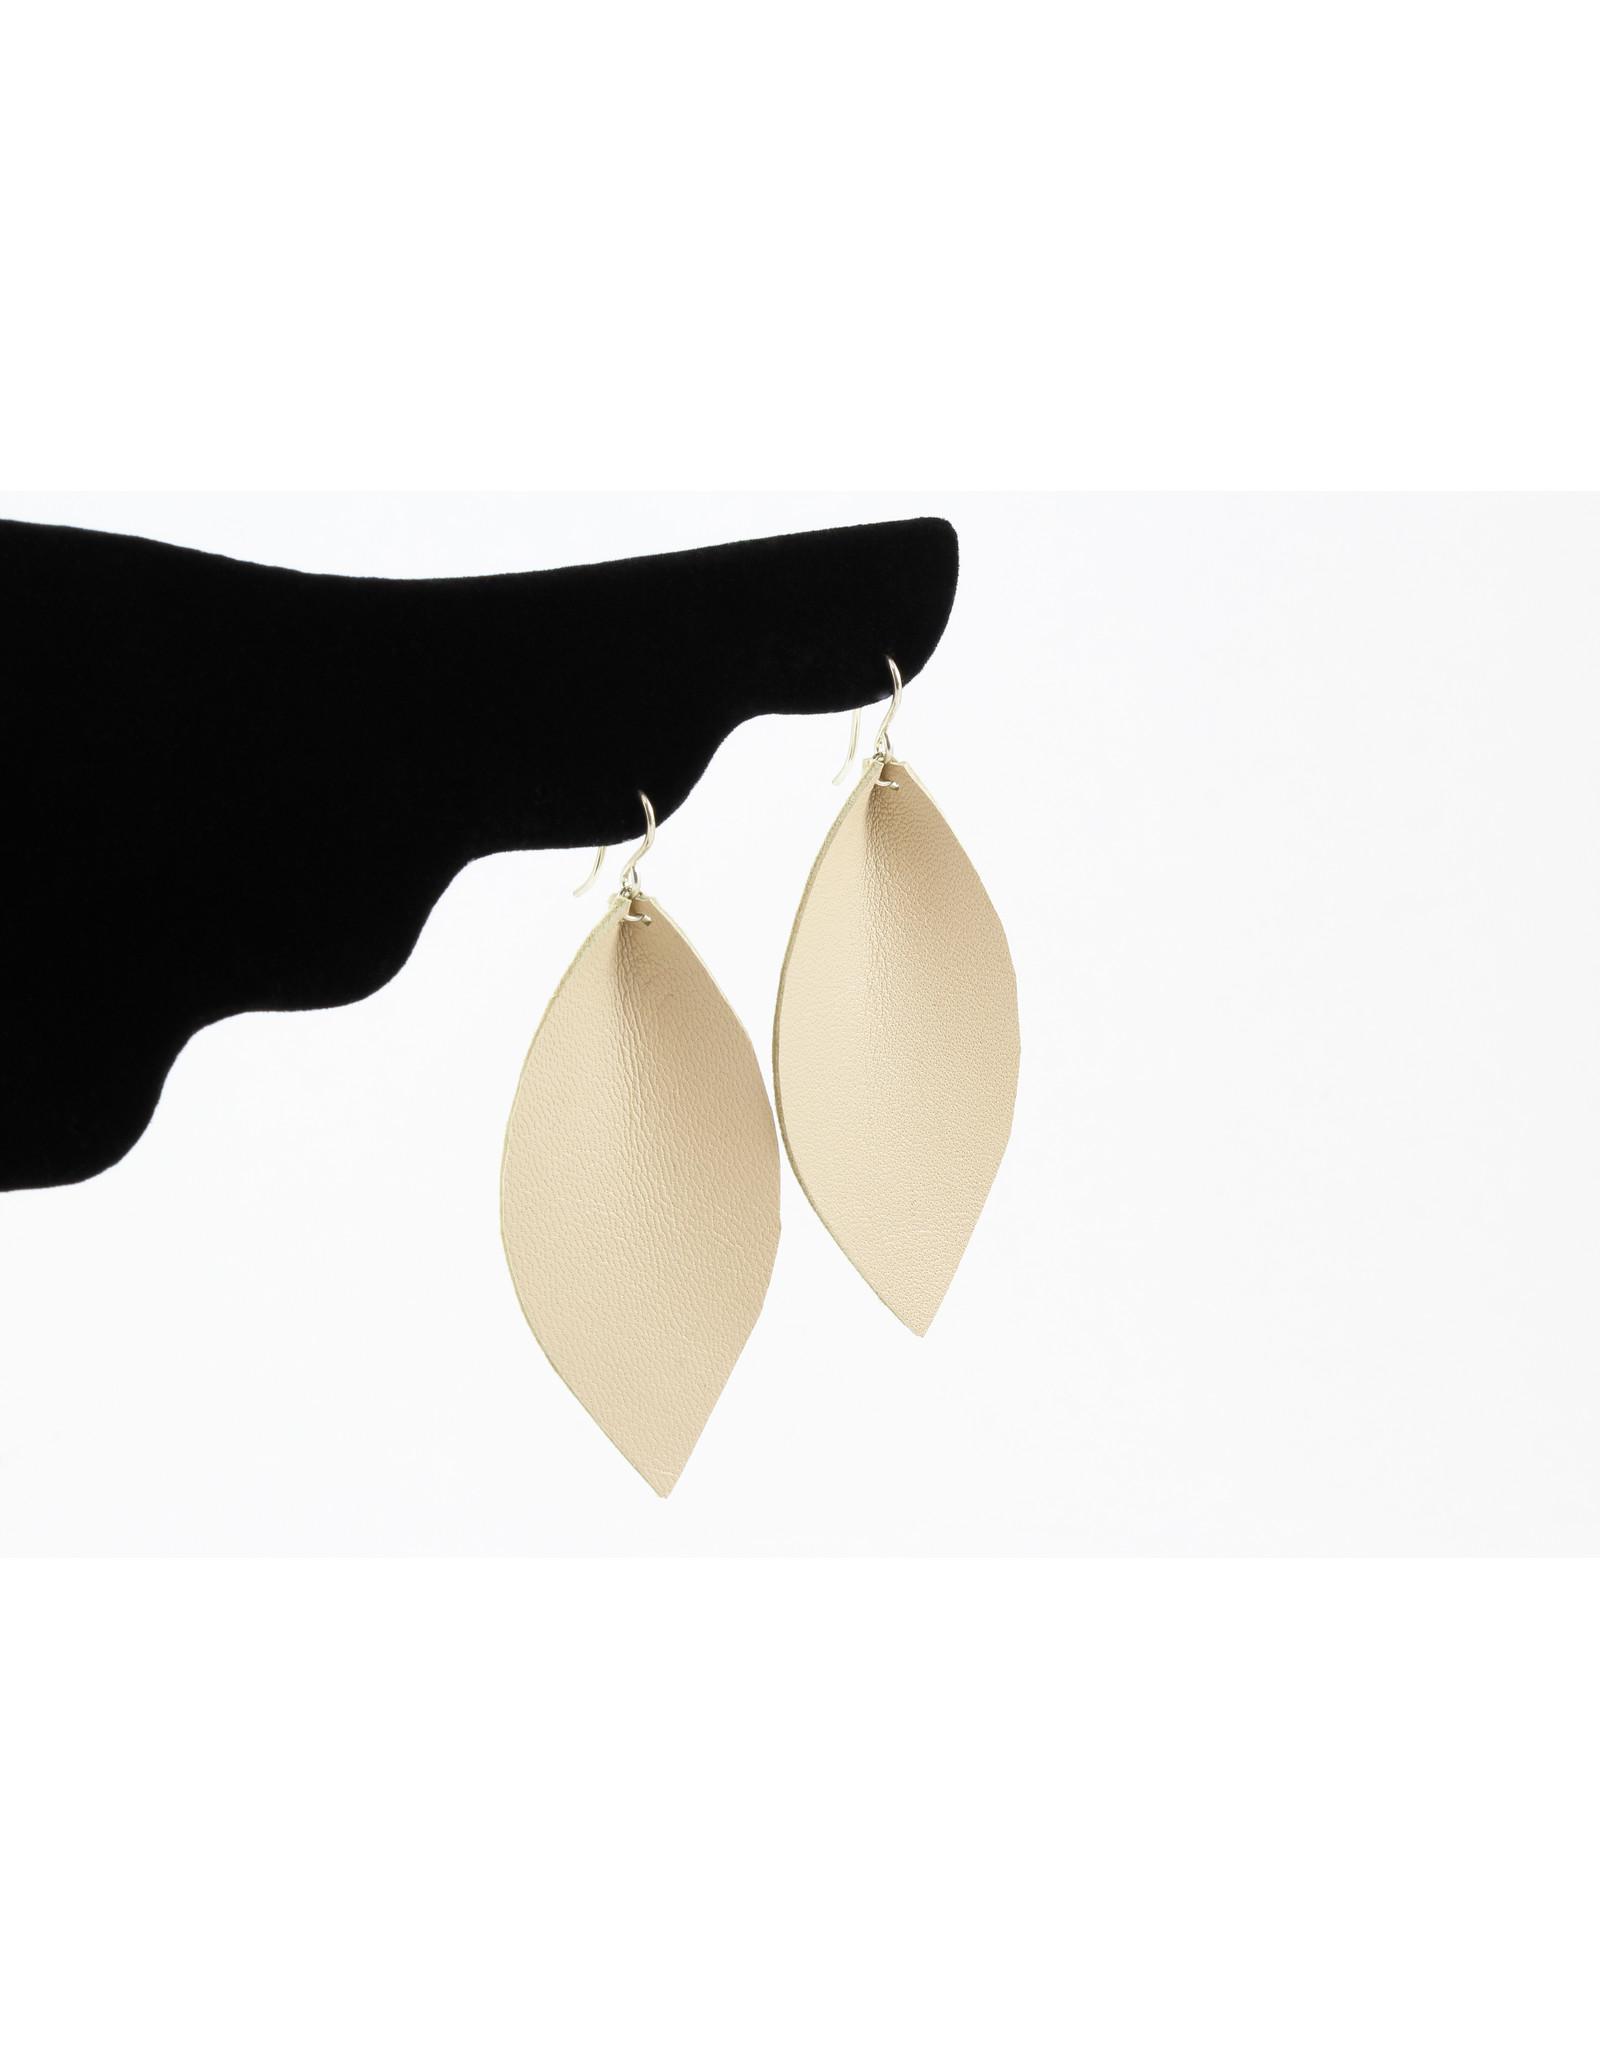 Jacqueline Finn Large Leather Leaf Earrings by Jacqueline Finn